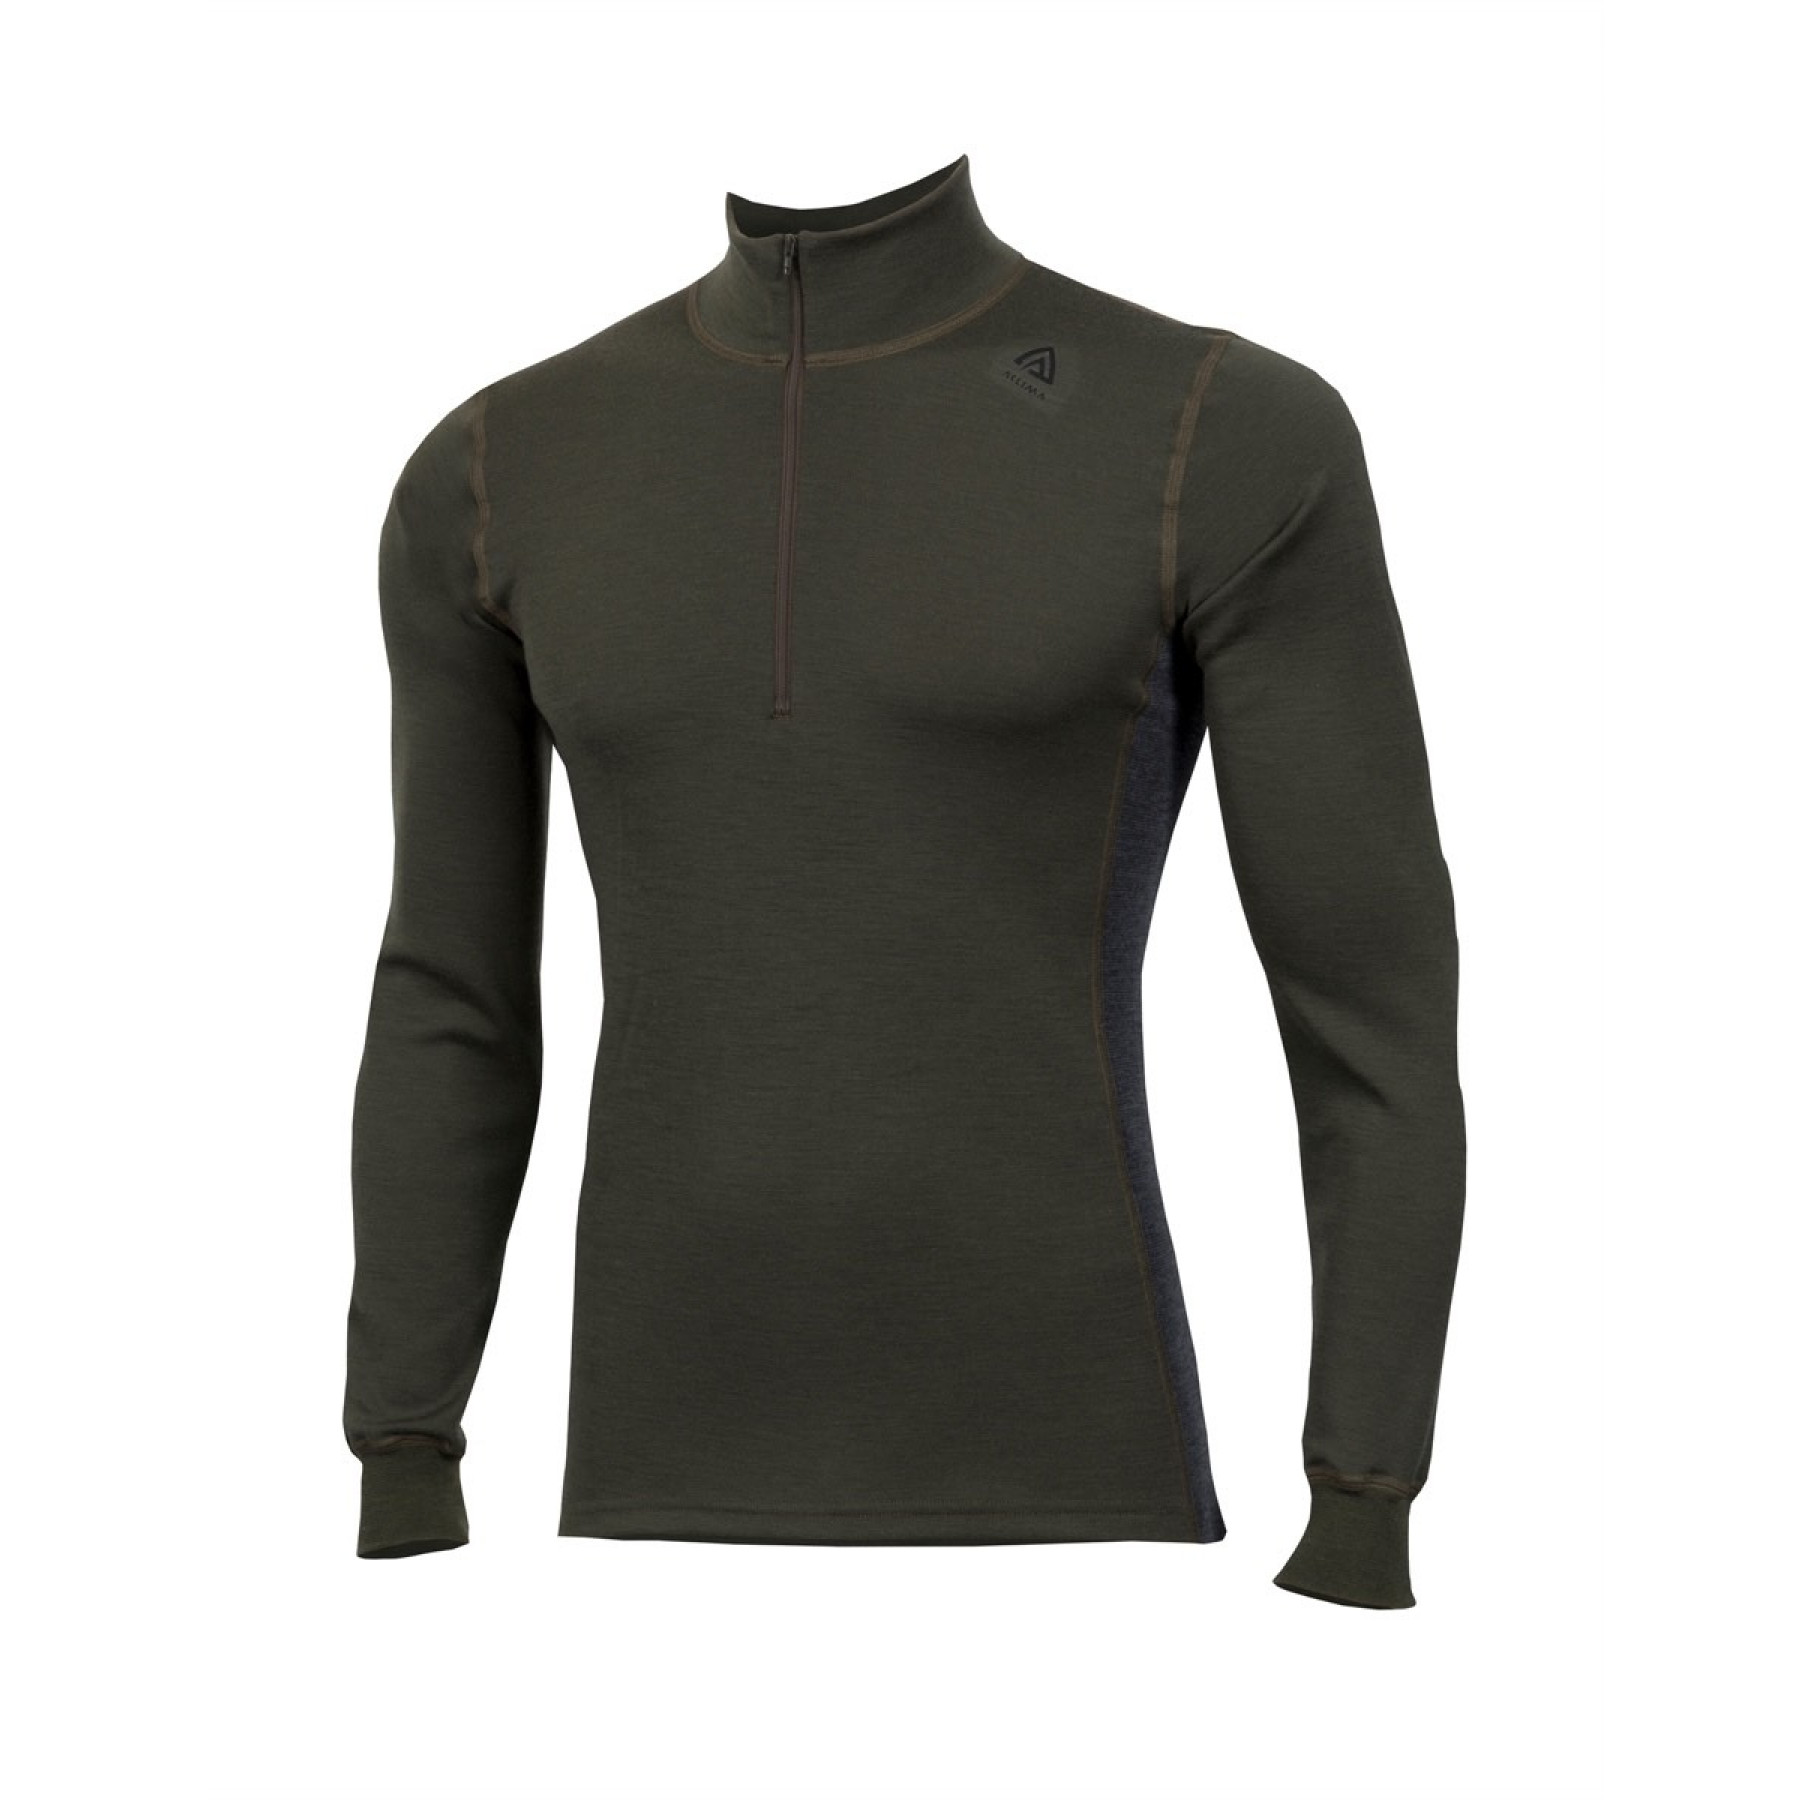 e1dc2232 Aclima Warmwool Mock Neck Shirt, M Olive Night/Marengo | Tindeberg.se